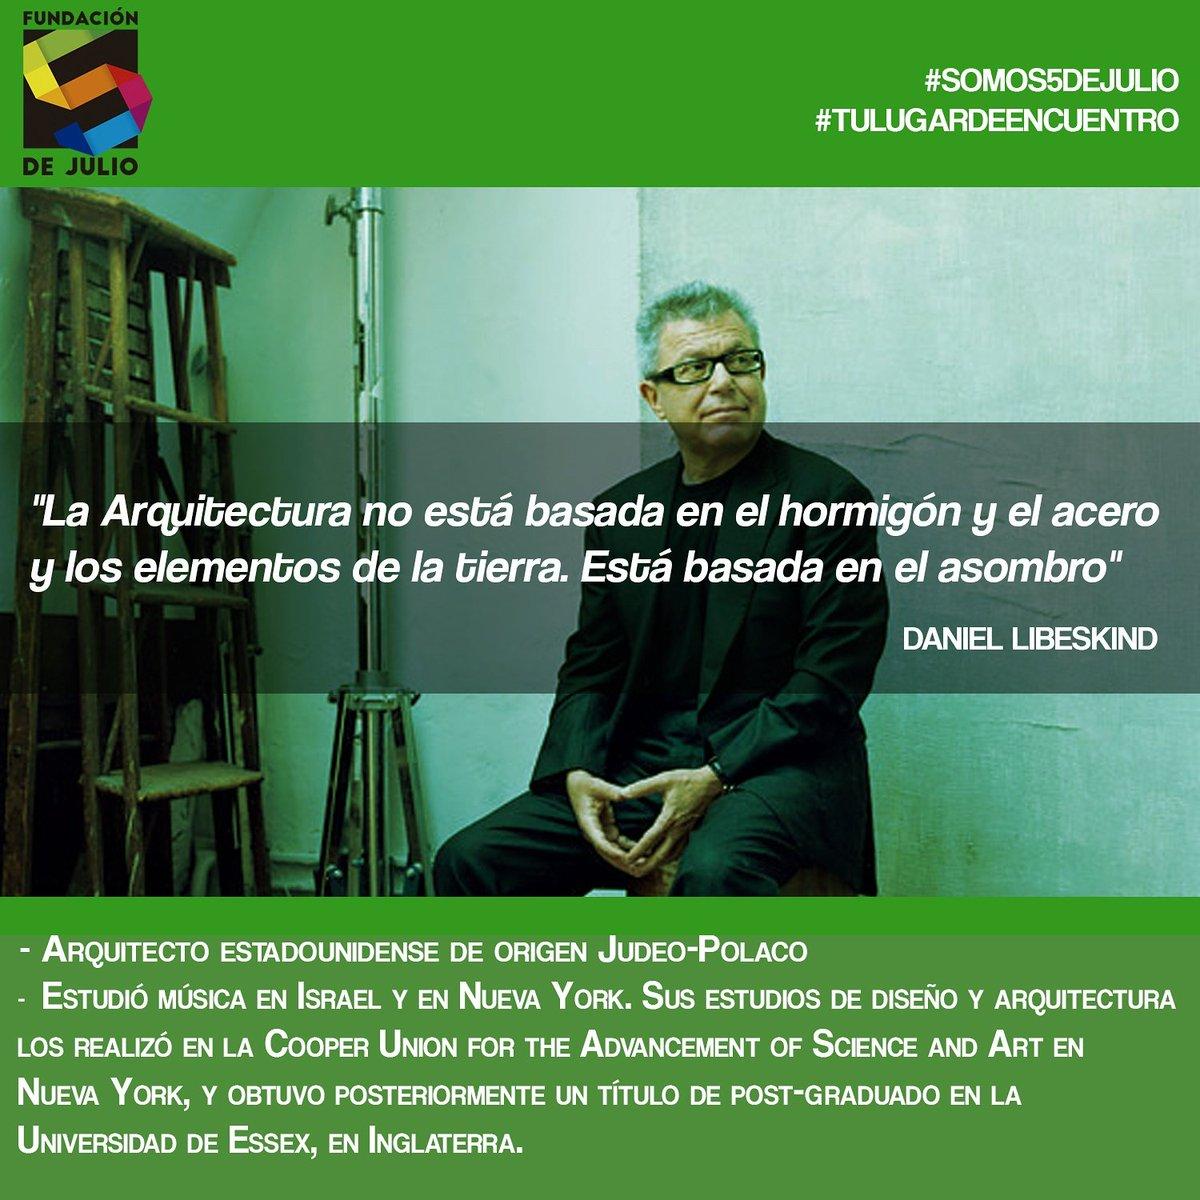 Fundación 5 De Julio On Twitter Con Esta Frase Célebre Del